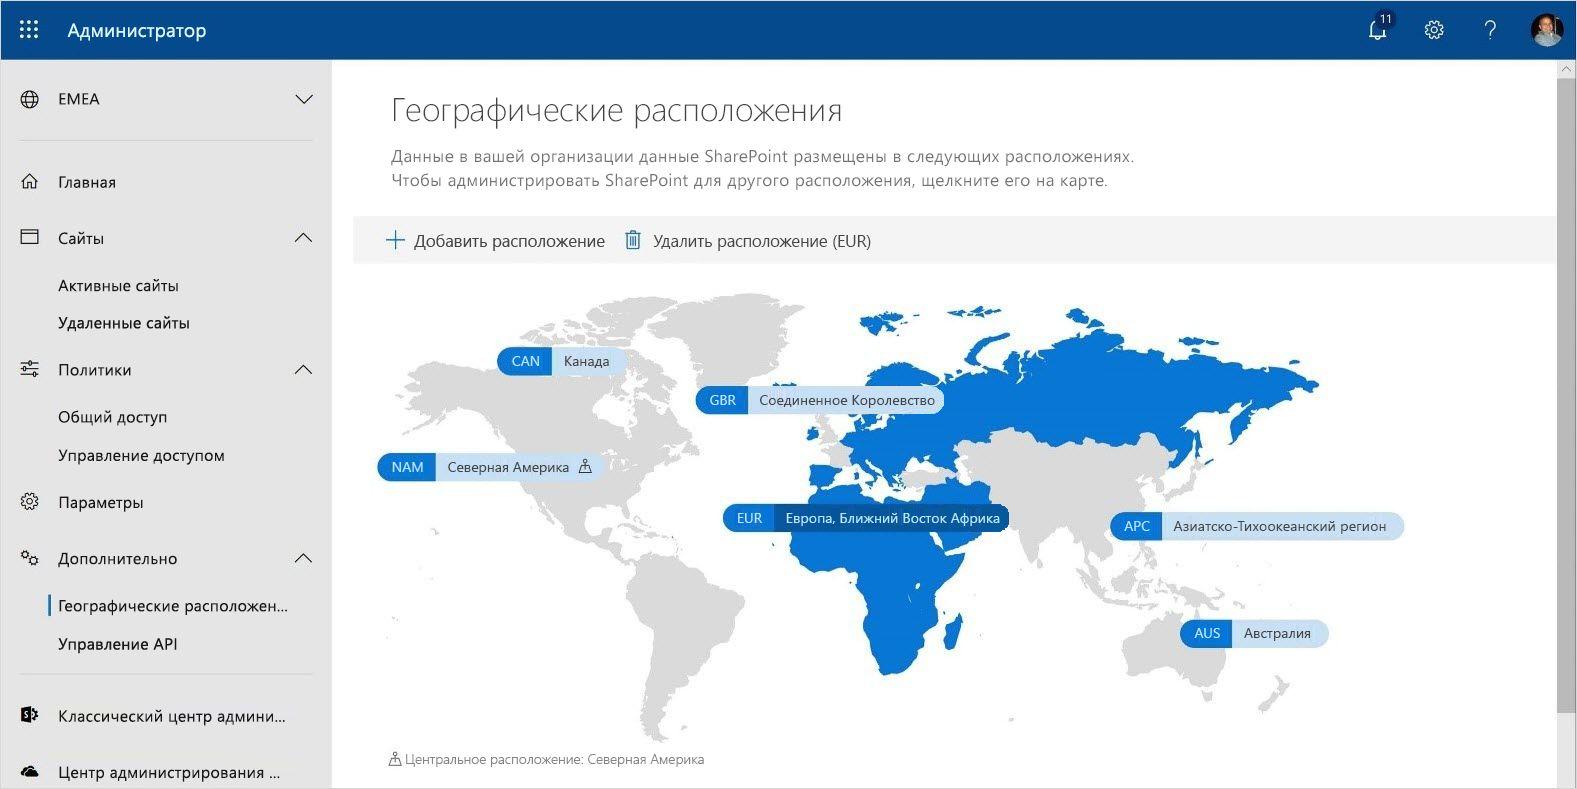 Изображение: поддержка нескольких регионов в Office 365